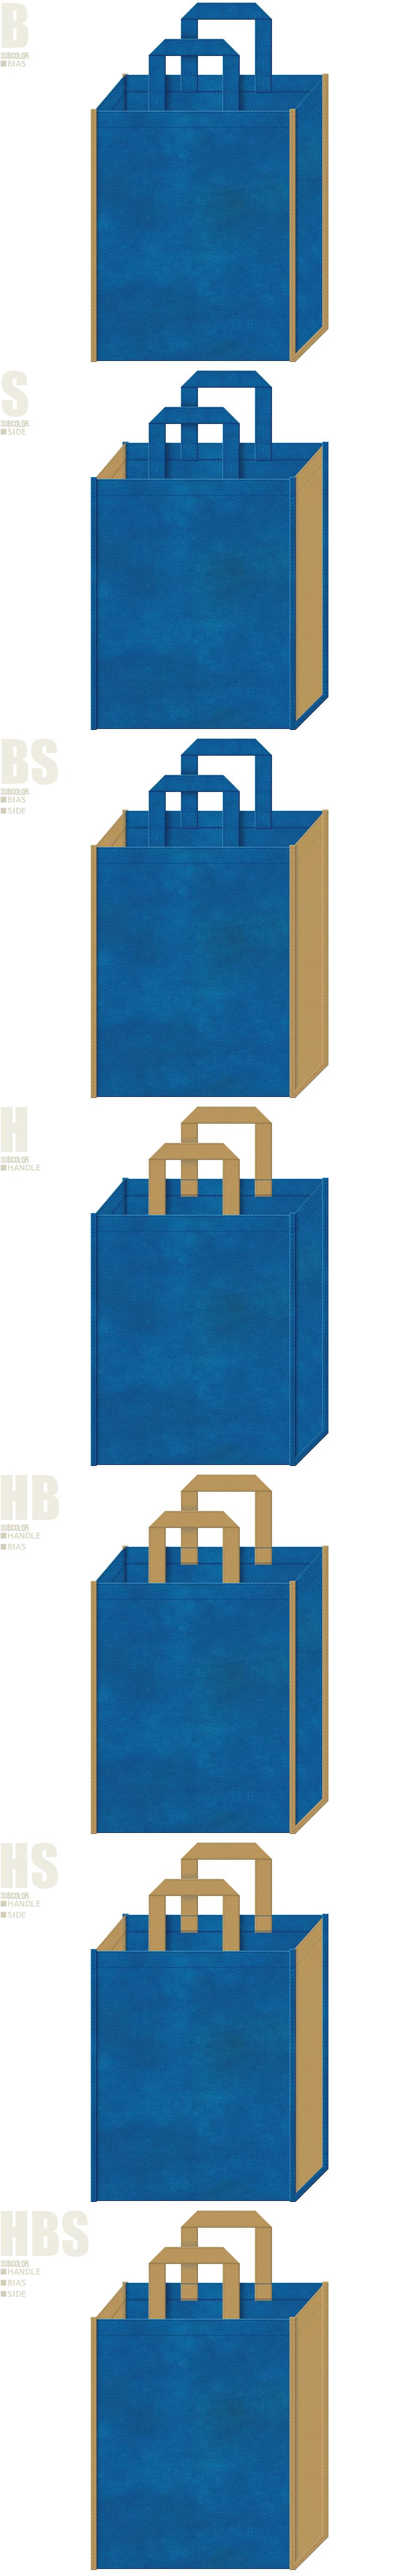 青色と金色系黄土色-7パターンの不織布トートバッグ配色デザイン例